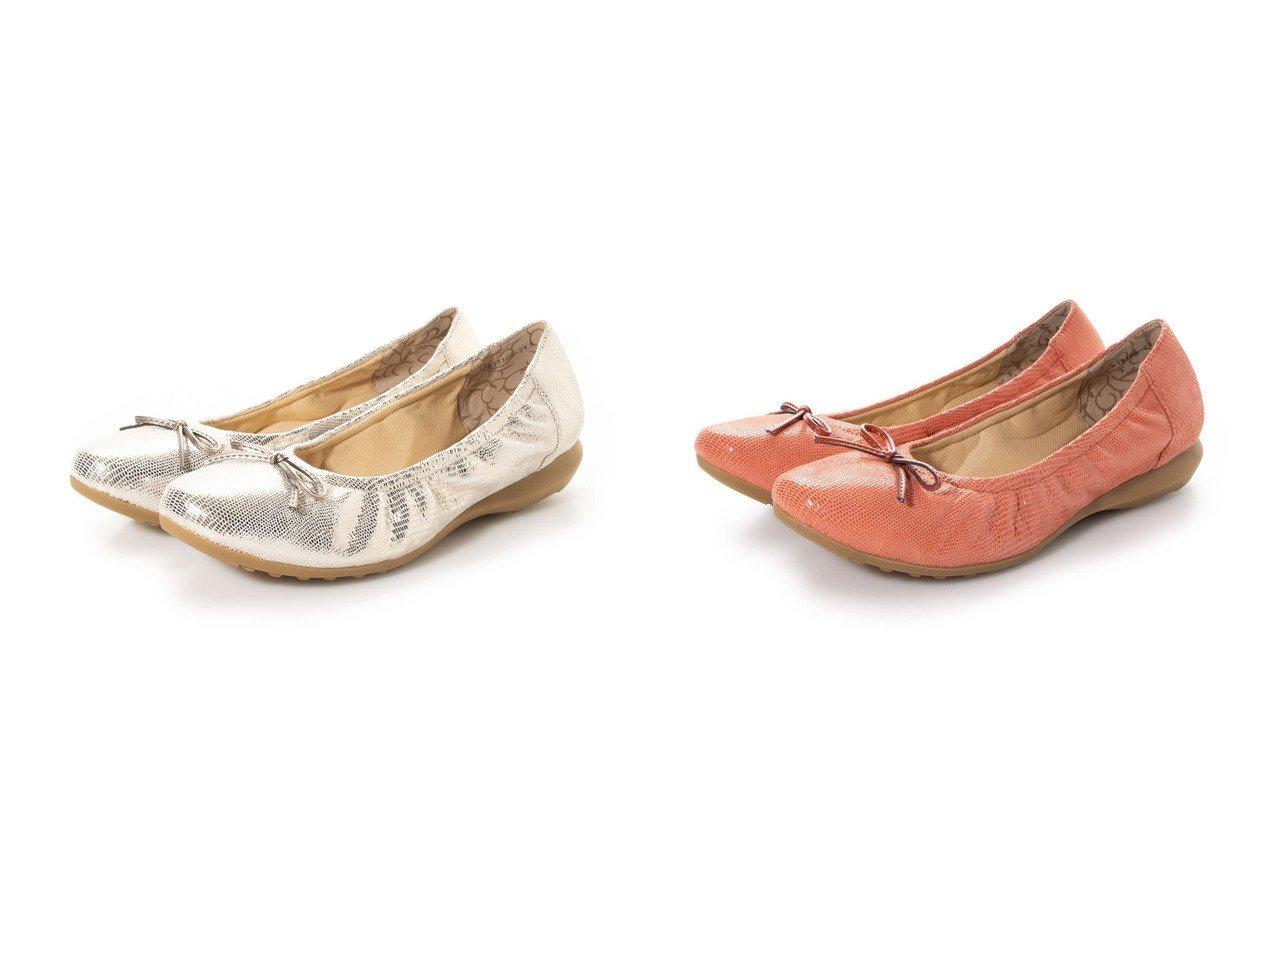 【HIMIKO/卑弥呼】の【老舗のベストセラー】スニーカーパンプス/613105 シューズ・靴のおすすめ!人気、トレンド・レディースファッションの通販 おすすめで人気の流行・トレンド、ファッションの通販商品 メンズファッション・キッズファッション・インテリア・家具・レディースファッション・服の通販 founy(ファニー) https://founy.com/ ファッション Fashion レディースファッション WOMEN アウター Coat Outerwear 2021年 2021 2021 春夏 S/S SS Spring/Summer 2021 S/S 春夏 SS Spring/Summer コレクション シンプル スニーカー フィット リボン 定番 Standard 春 Spring |ID:crp329100000023925